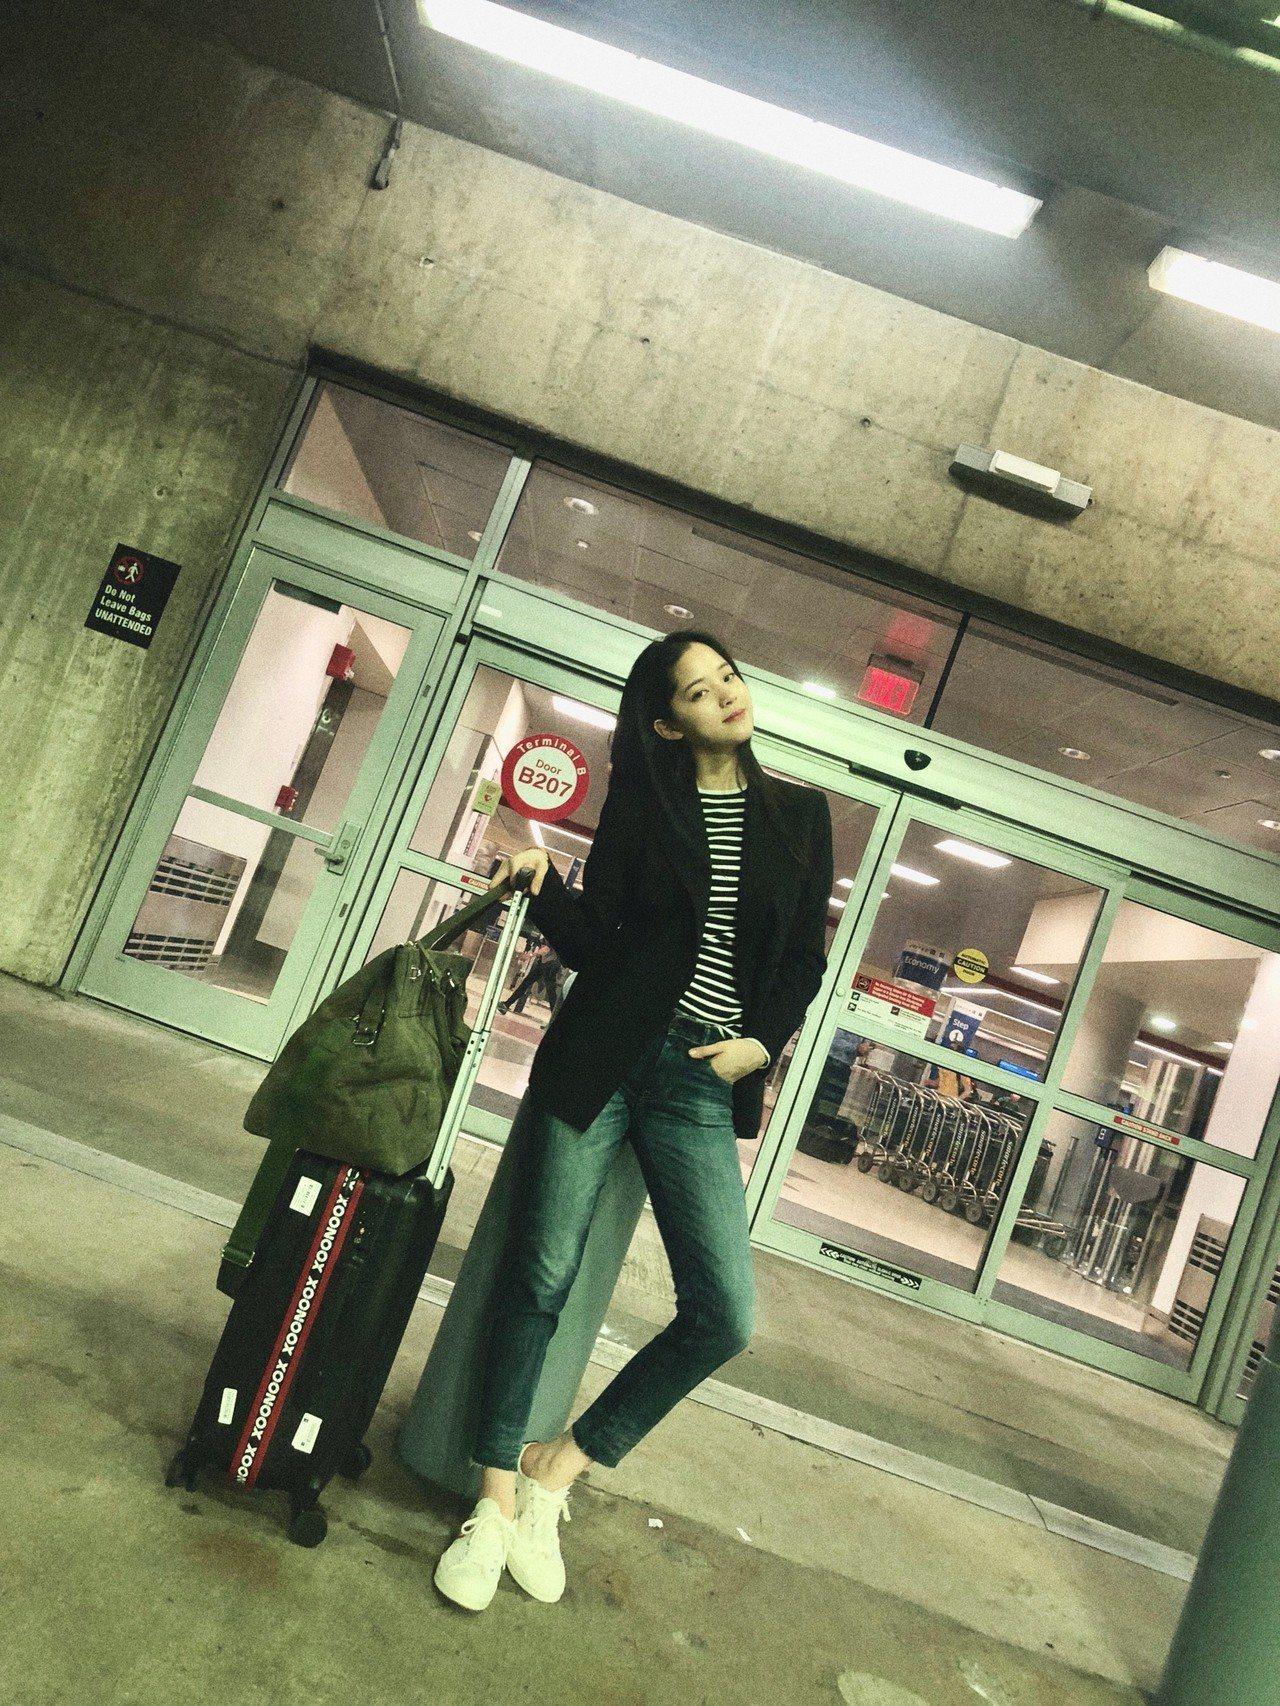 歐陽娜娜身穿修身西裝外套搭配條紋上衣與合身牛仔褲現身機場,長腿無敵。圖/Ralp...